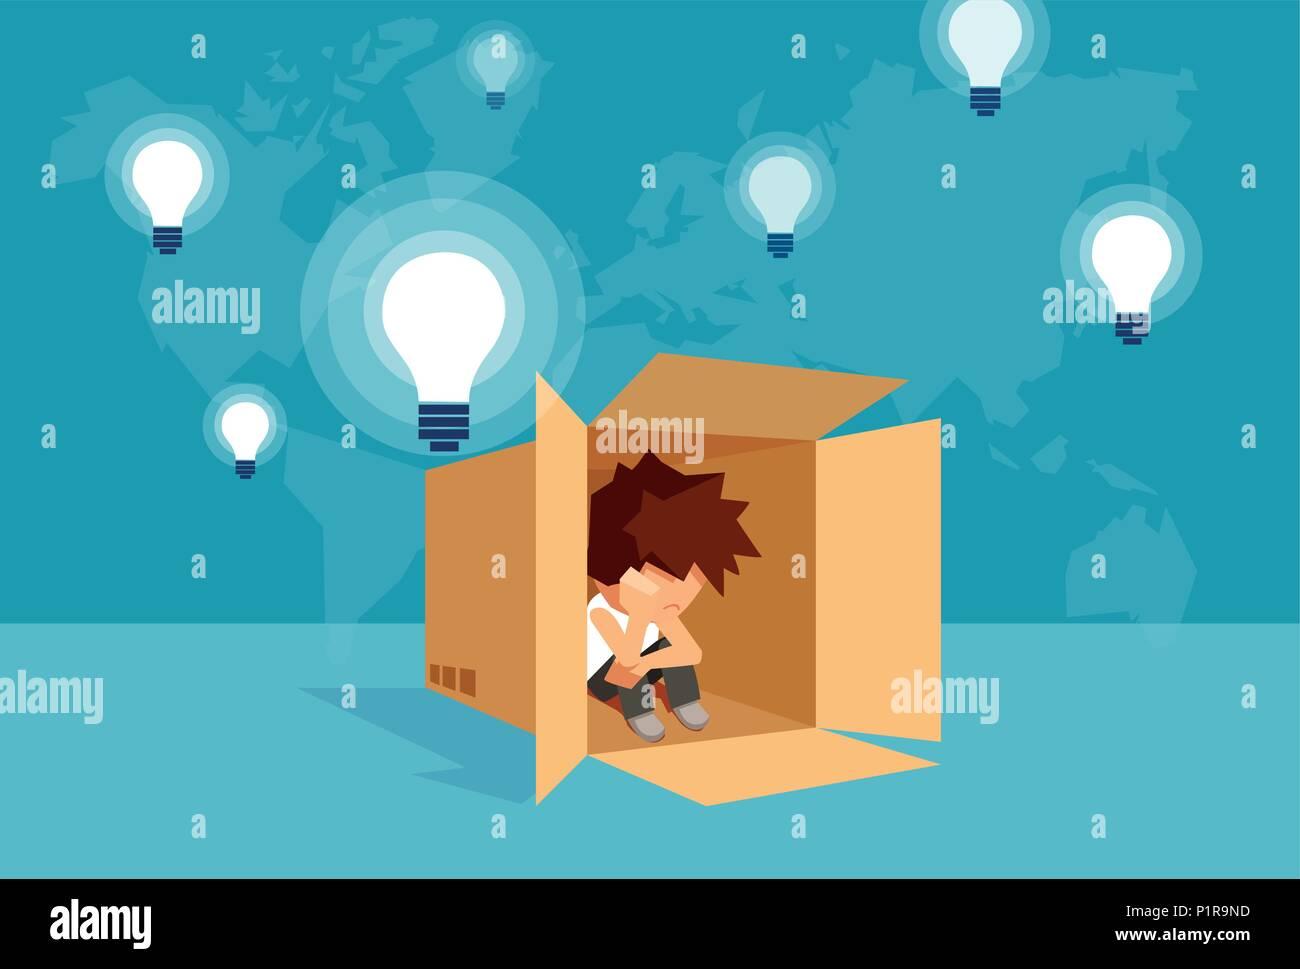 Concepto ilustración vectorial de chico sentado solo en la caja y pensar en el problema. Ilustración del Vector